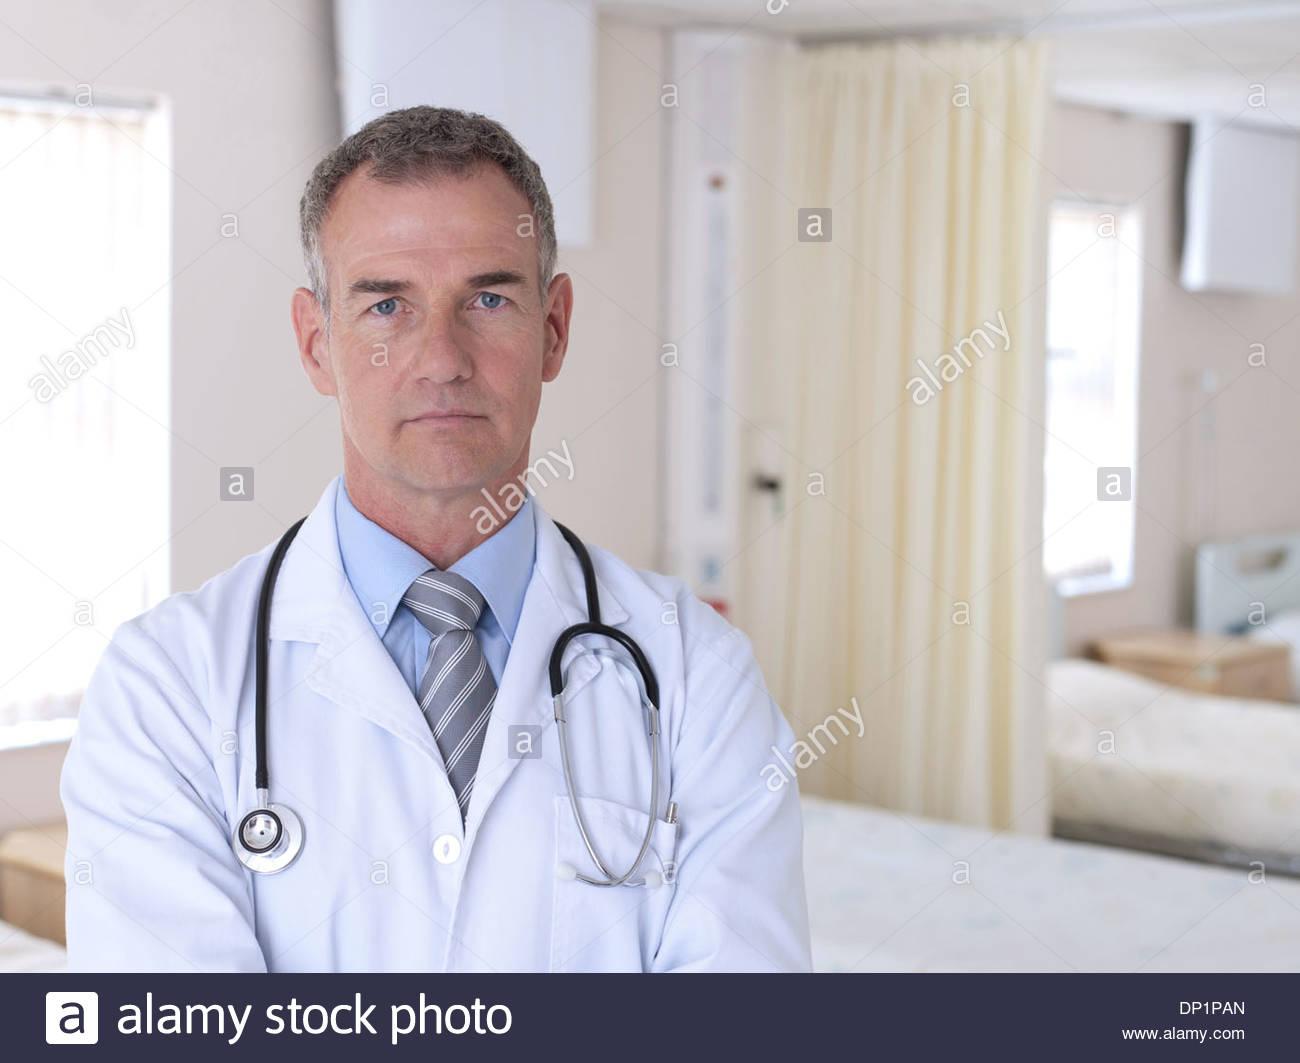 Retrato del doctor en el hospital Imagen De Stock